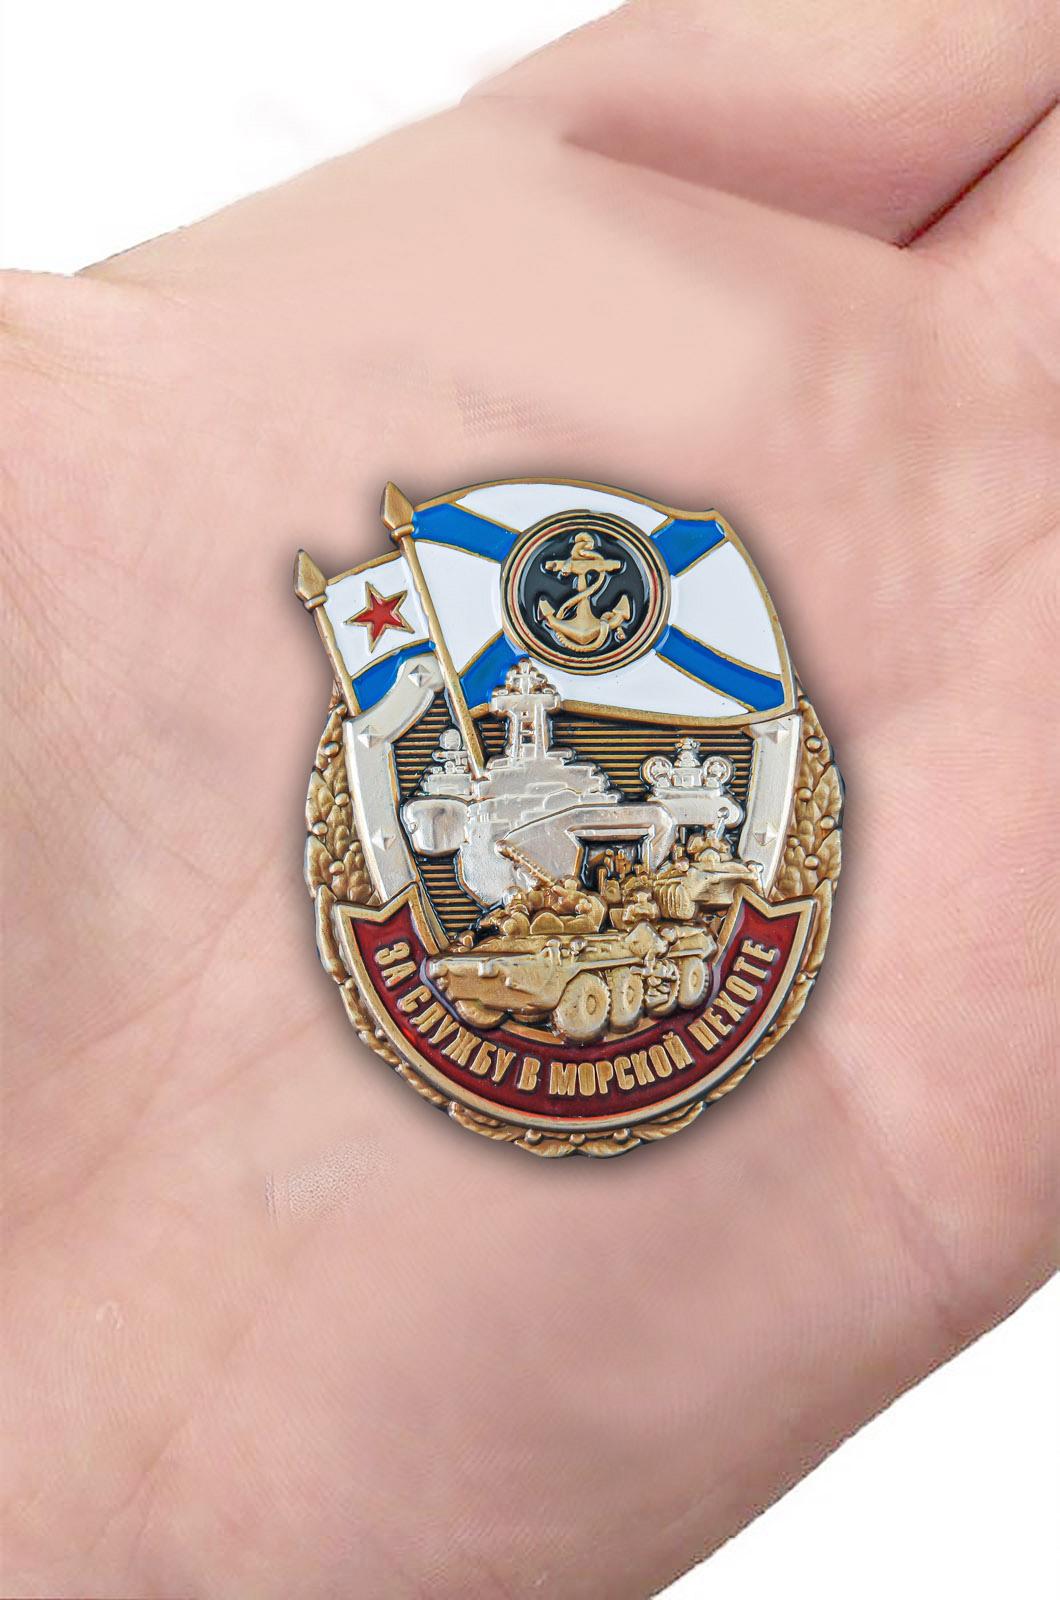 Заказать нагрудный знак За службу в Морской пехоте